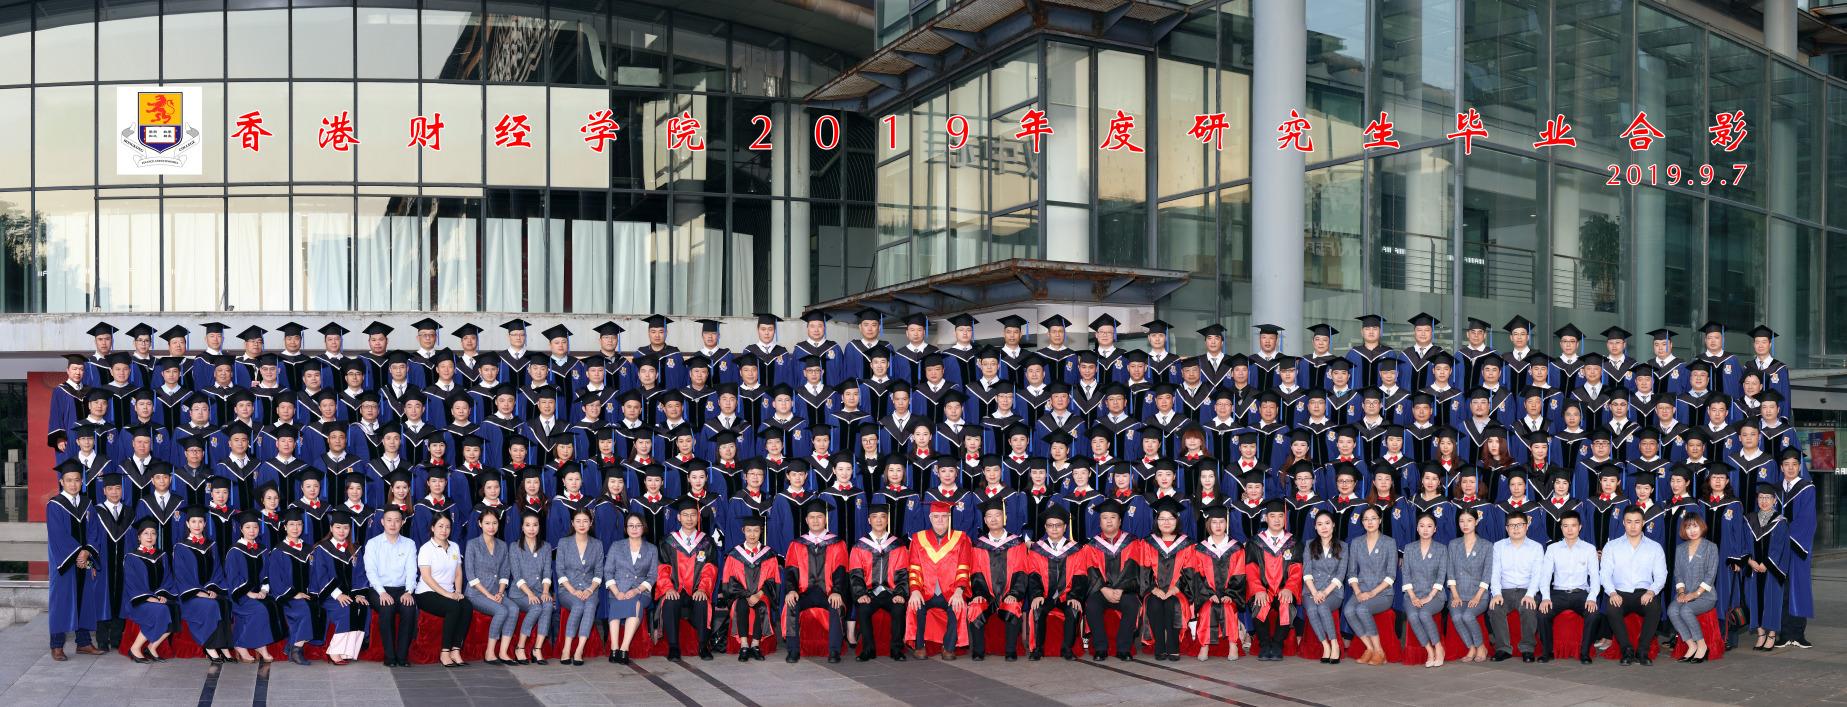 香港财经学院硕博学位班毕业照